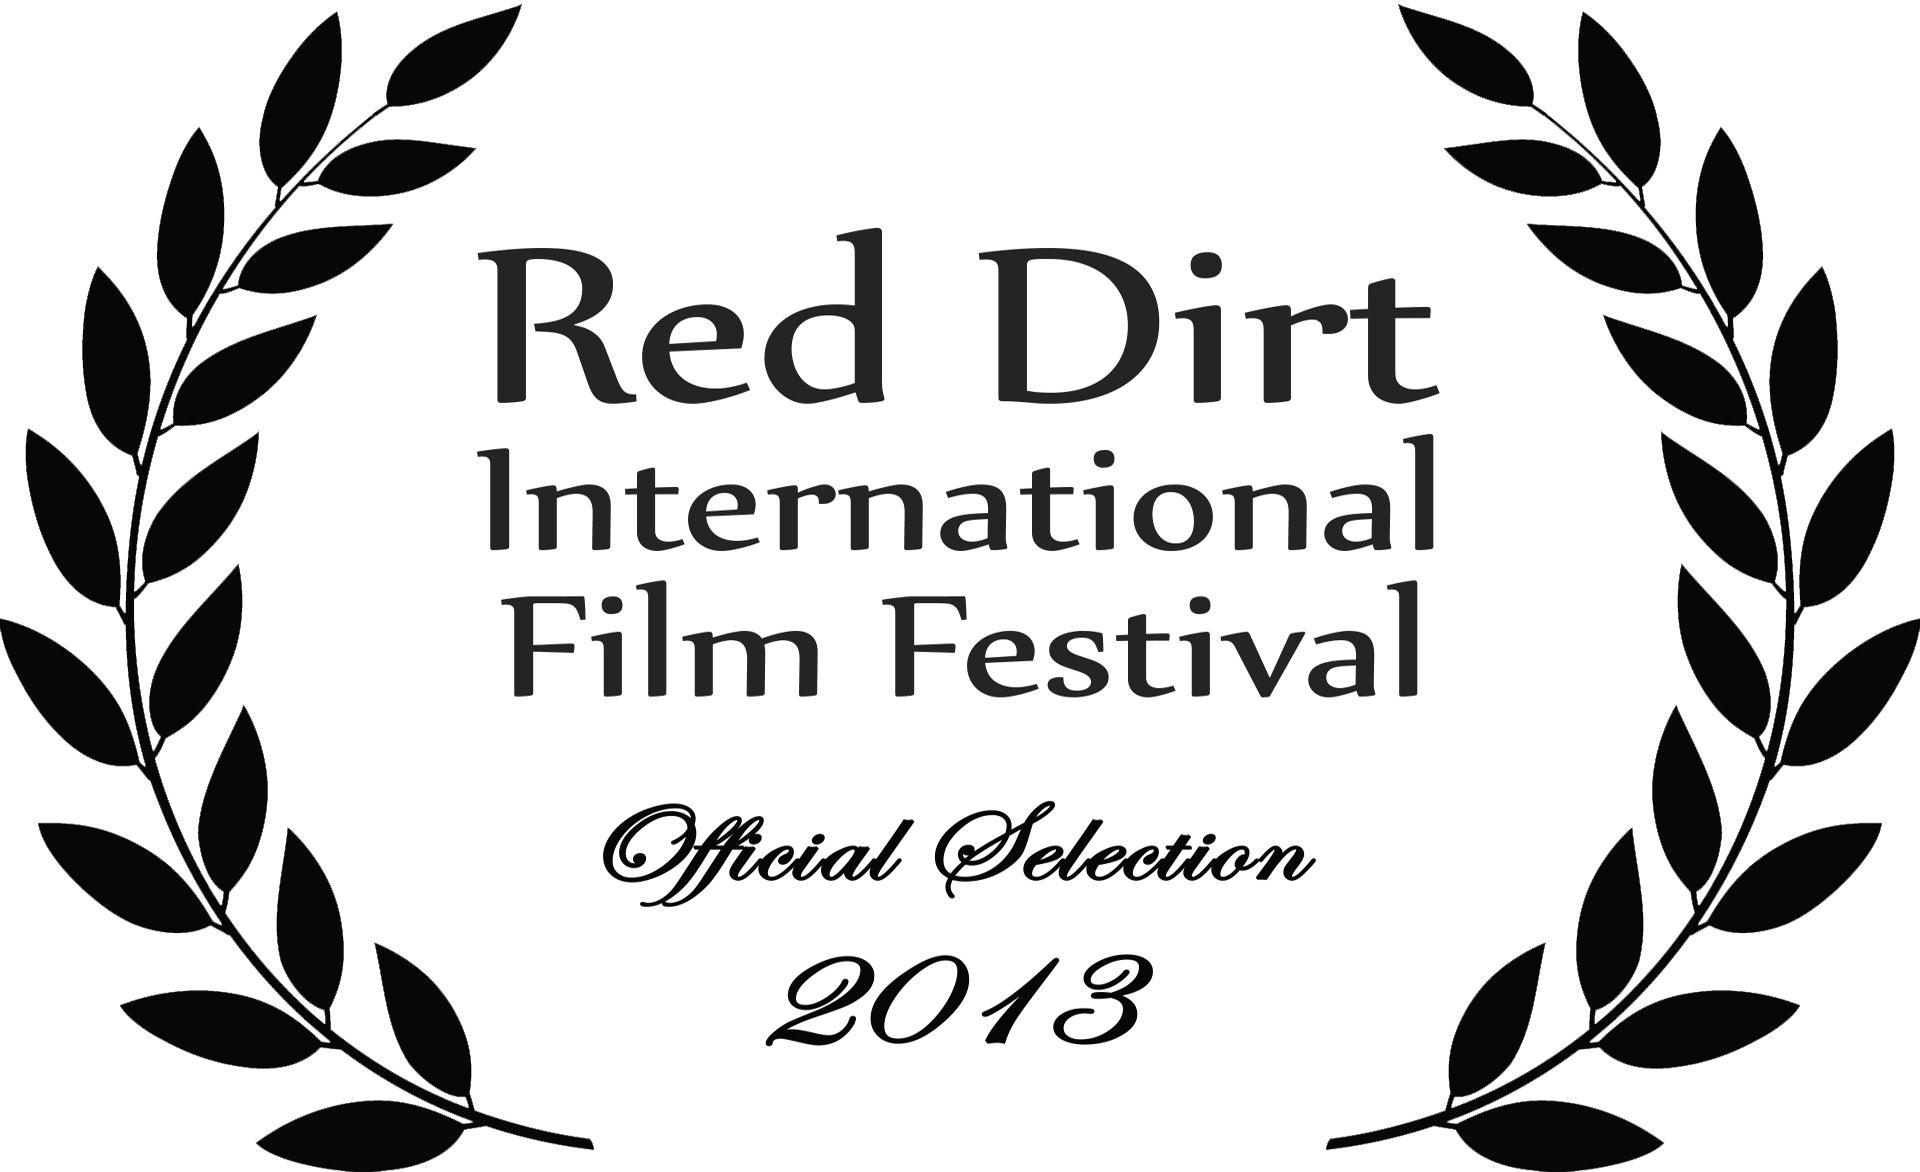 Film_Festival_Laurel_Leaves-PNG-8-1